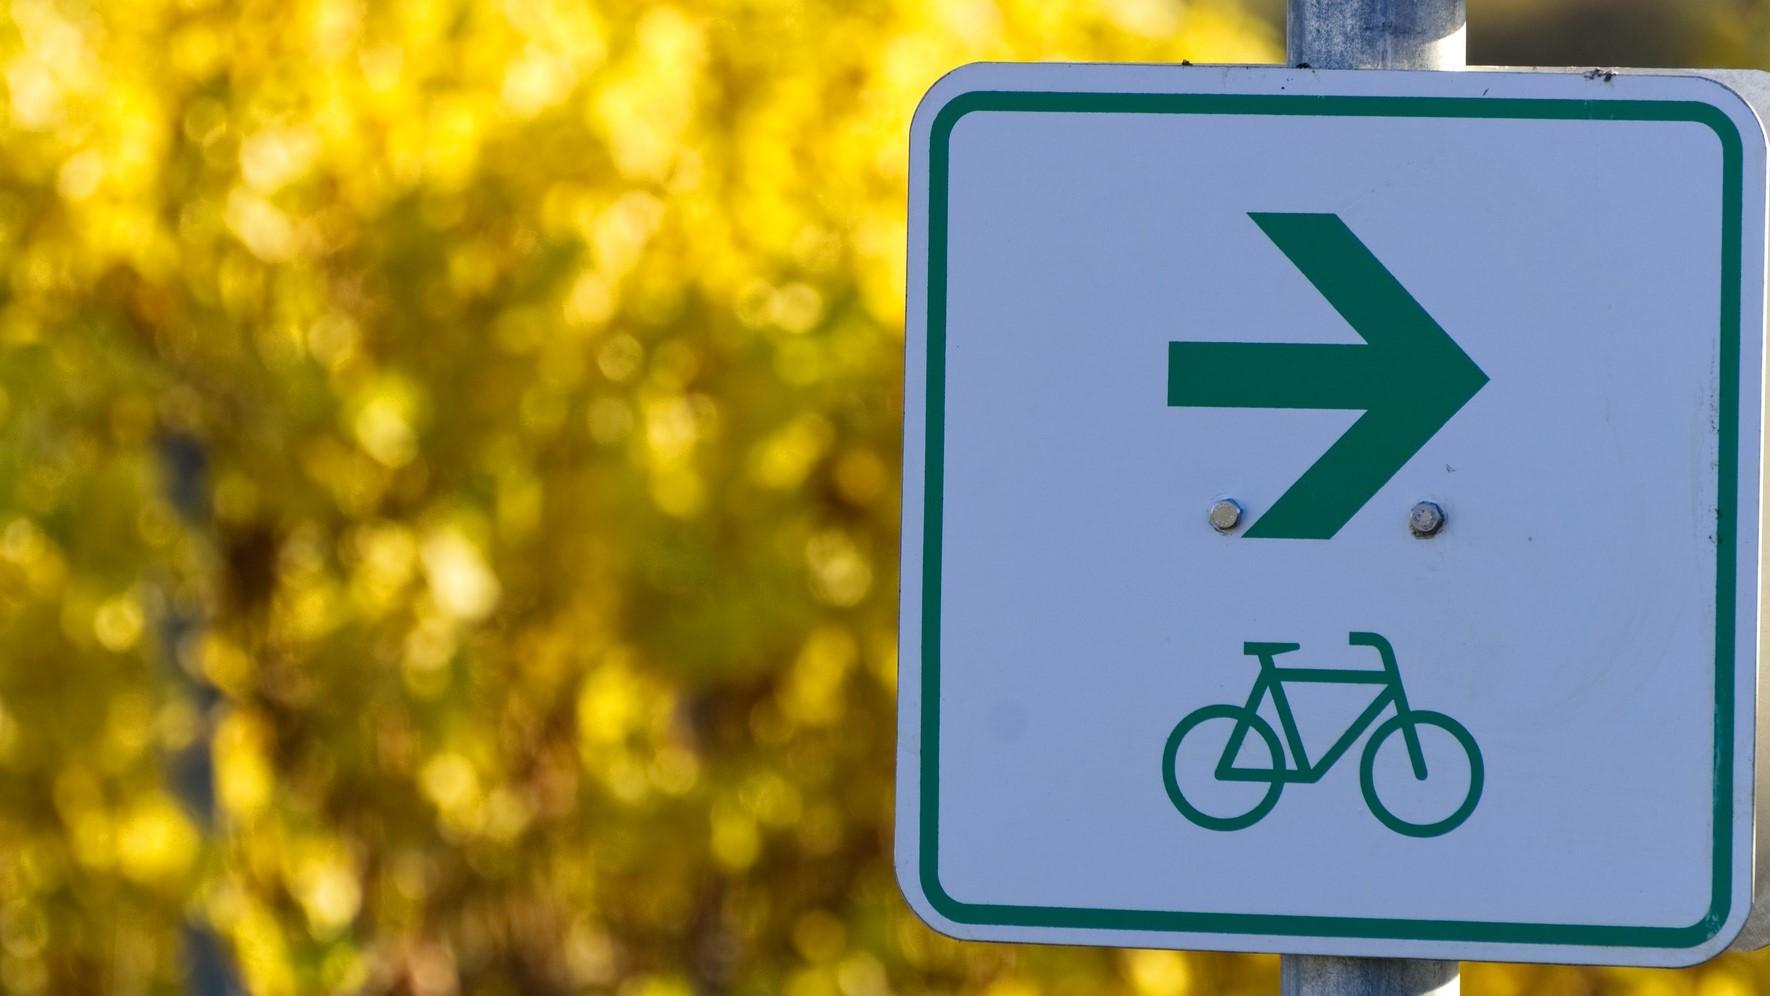 Die Ergebnisse des ADFC-Fahrradklima-Tests 2020 sind da!